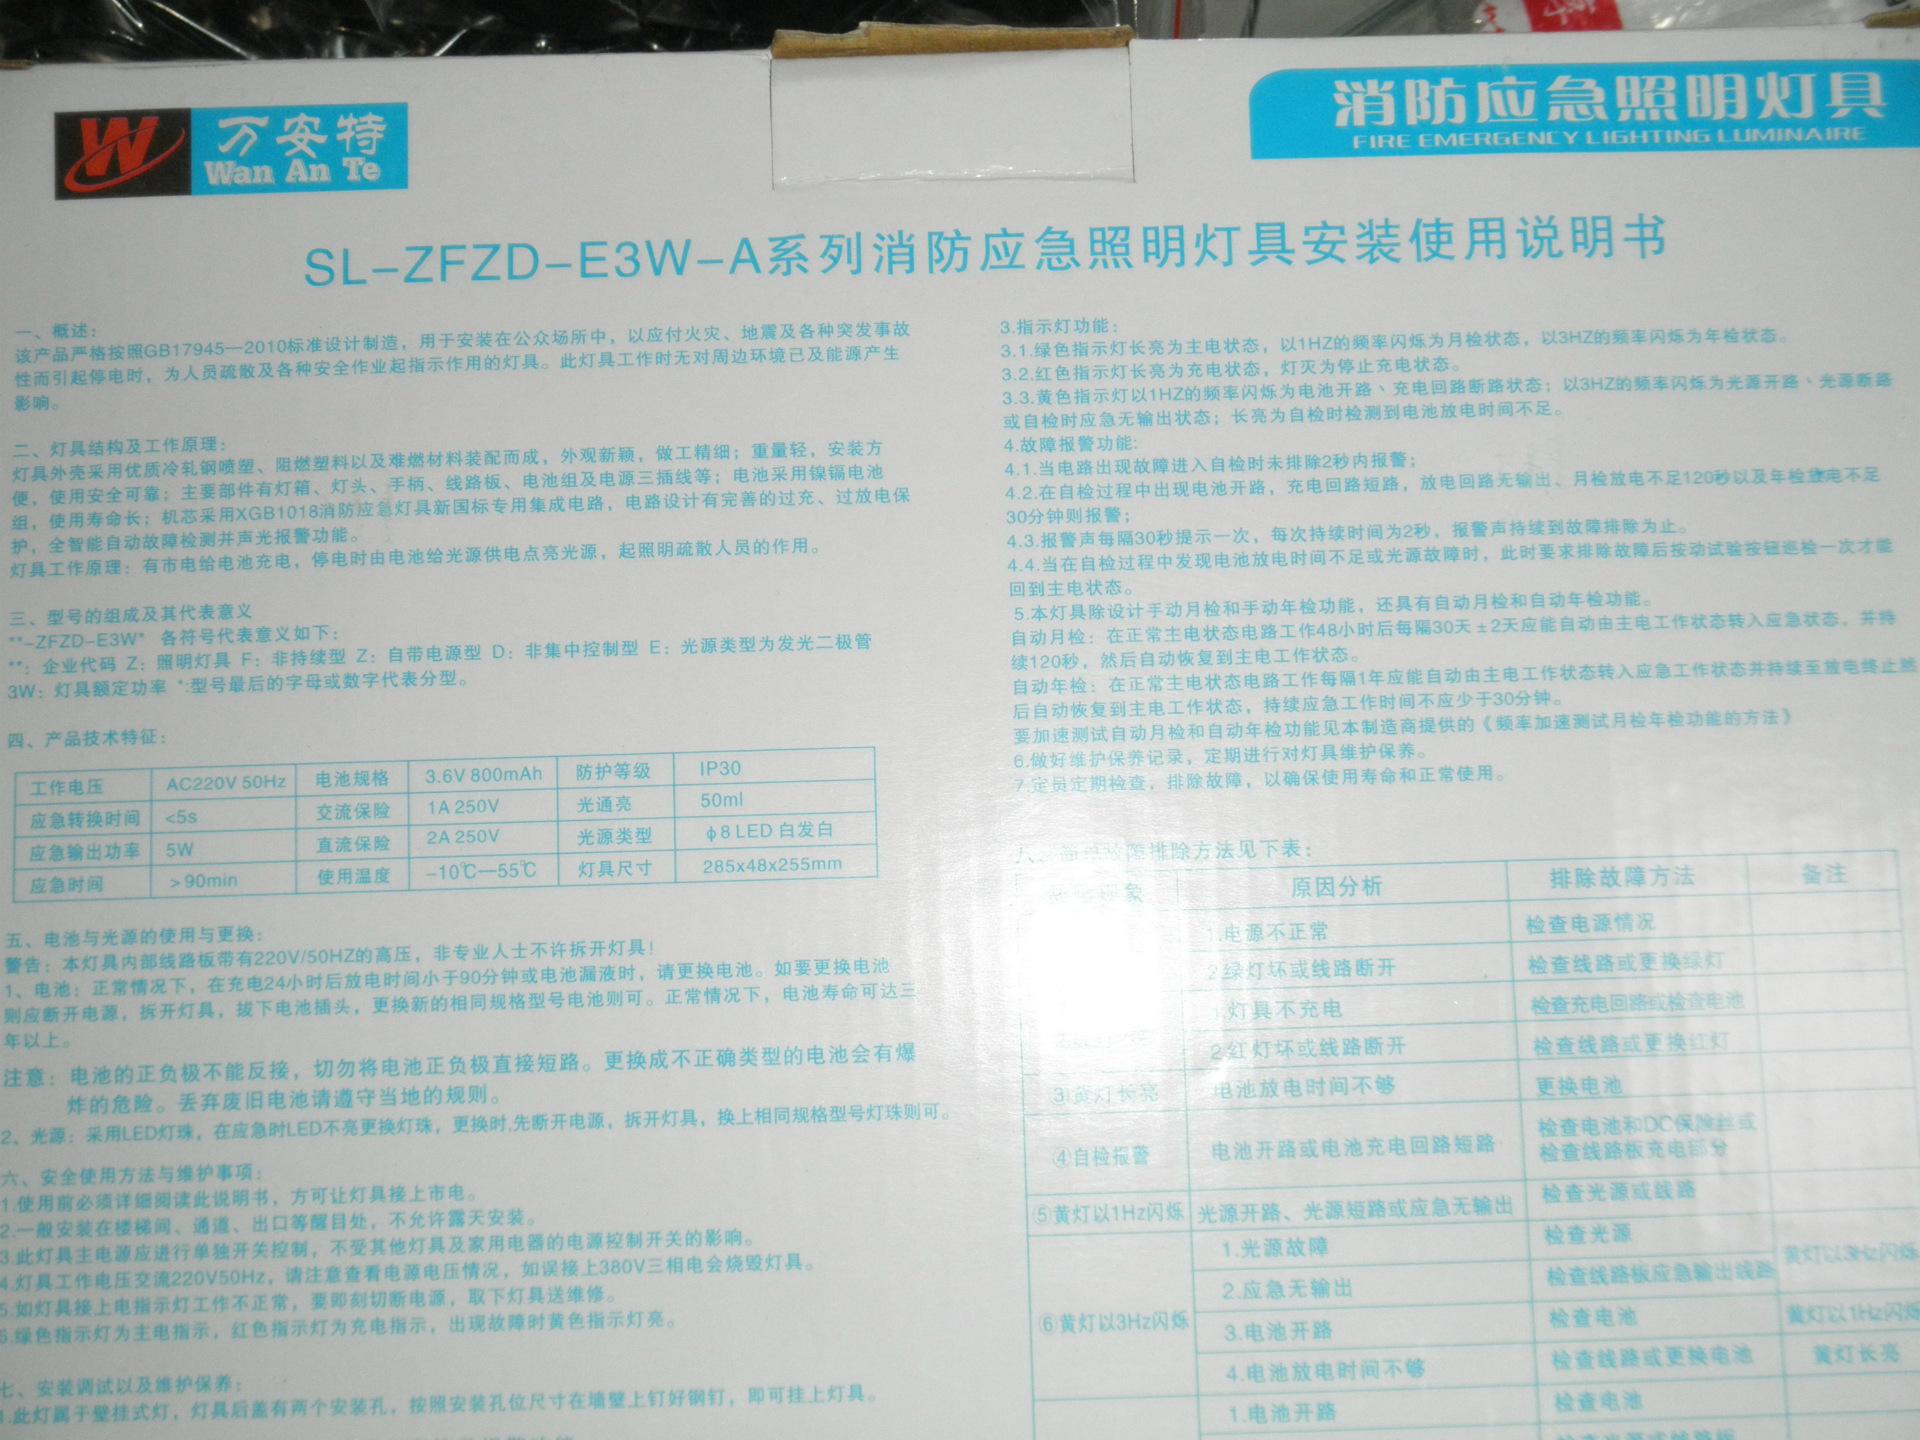 急灯 新国标 停电应急照明灯 带语言提示 -价格,厂家,图片,应急